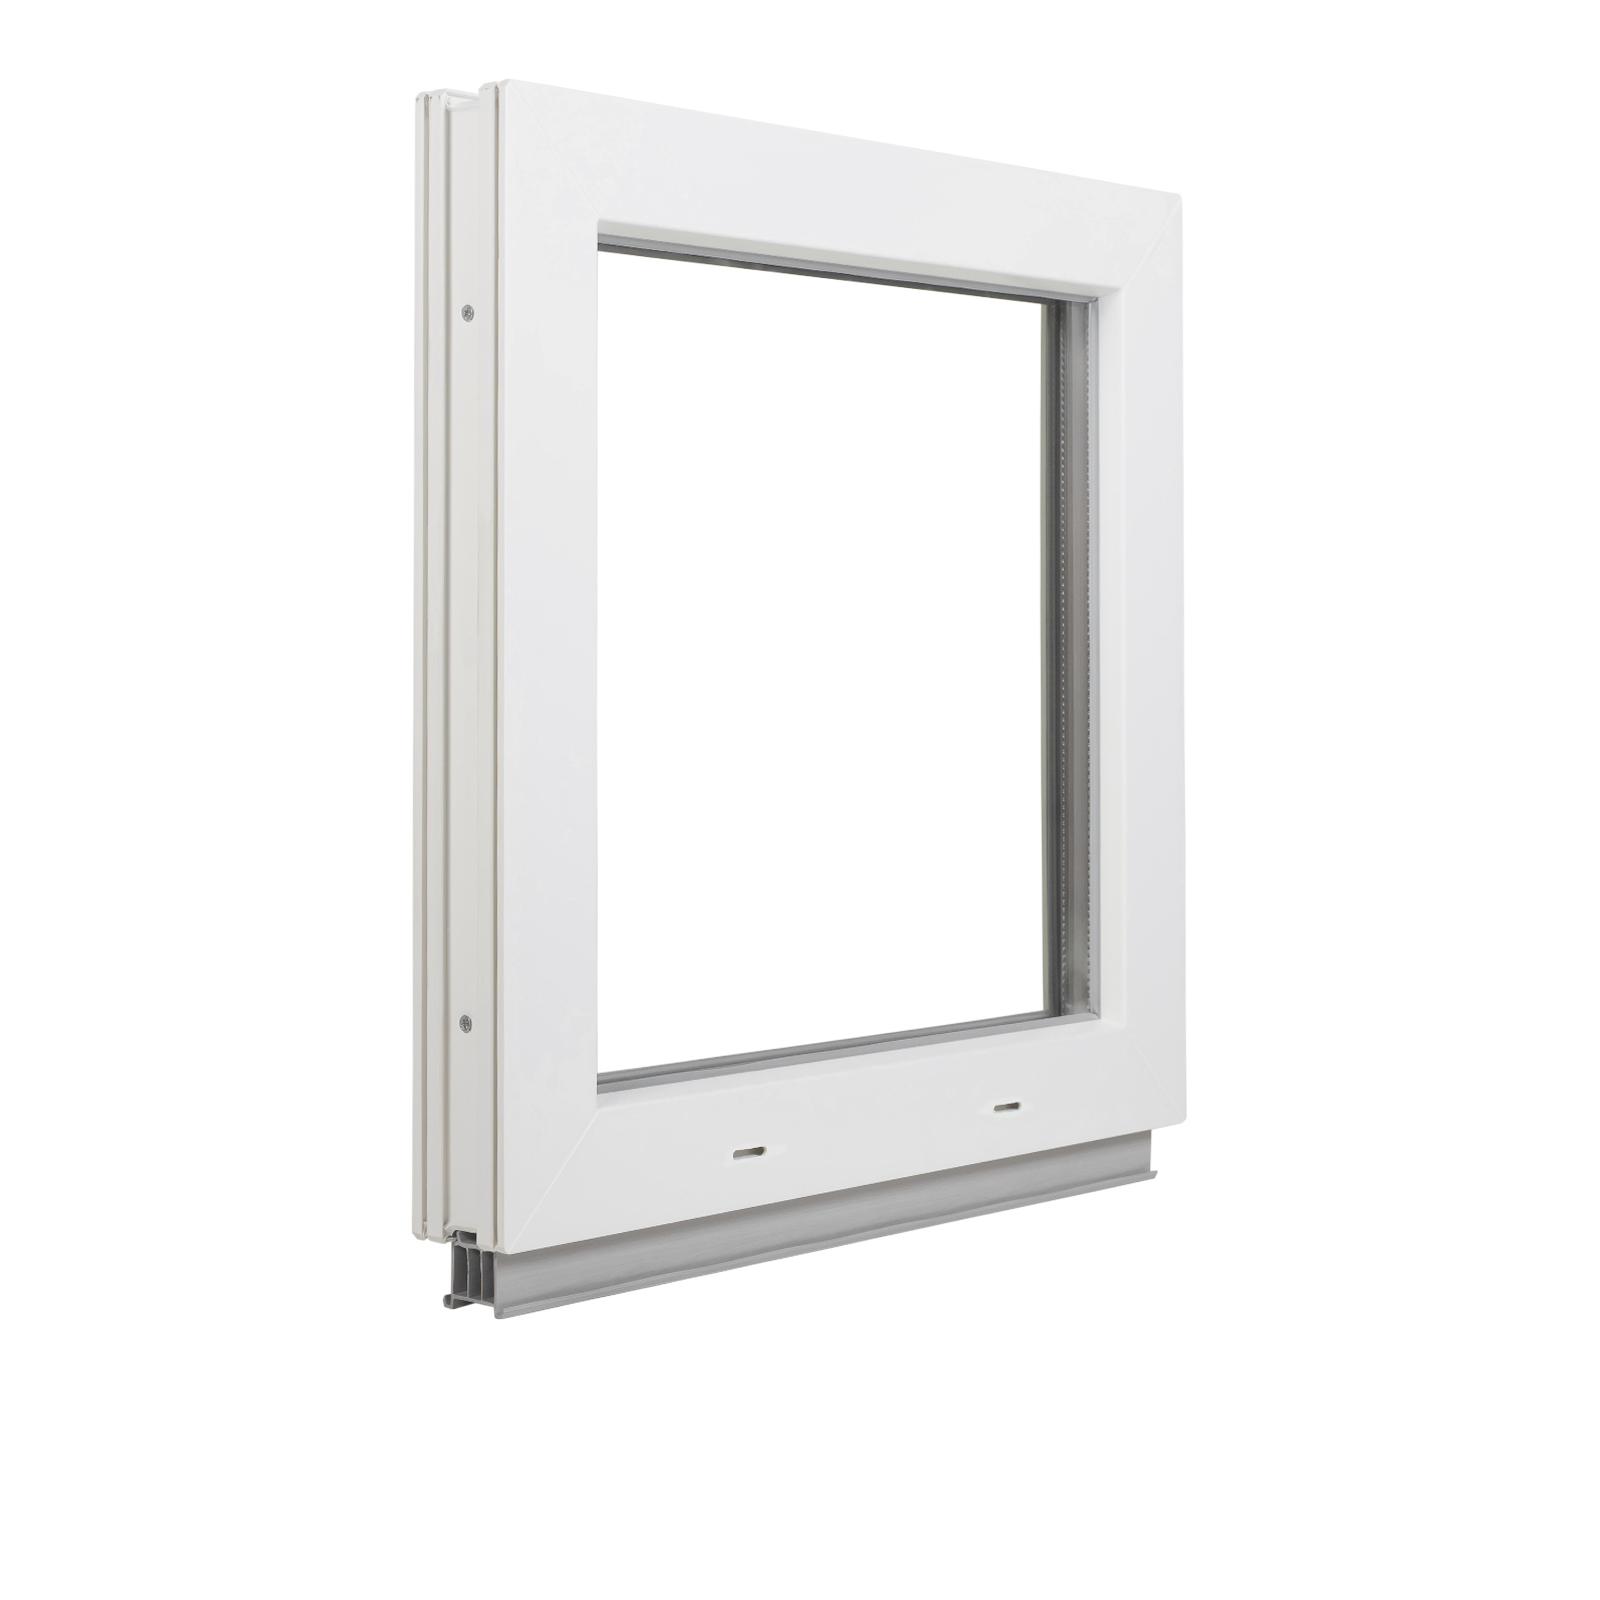 Premium Kunststofffenster Fenster Kippfenster Breite: 70 cm Wei/ß BxH: 70x40 cm 2 fach Verglasung